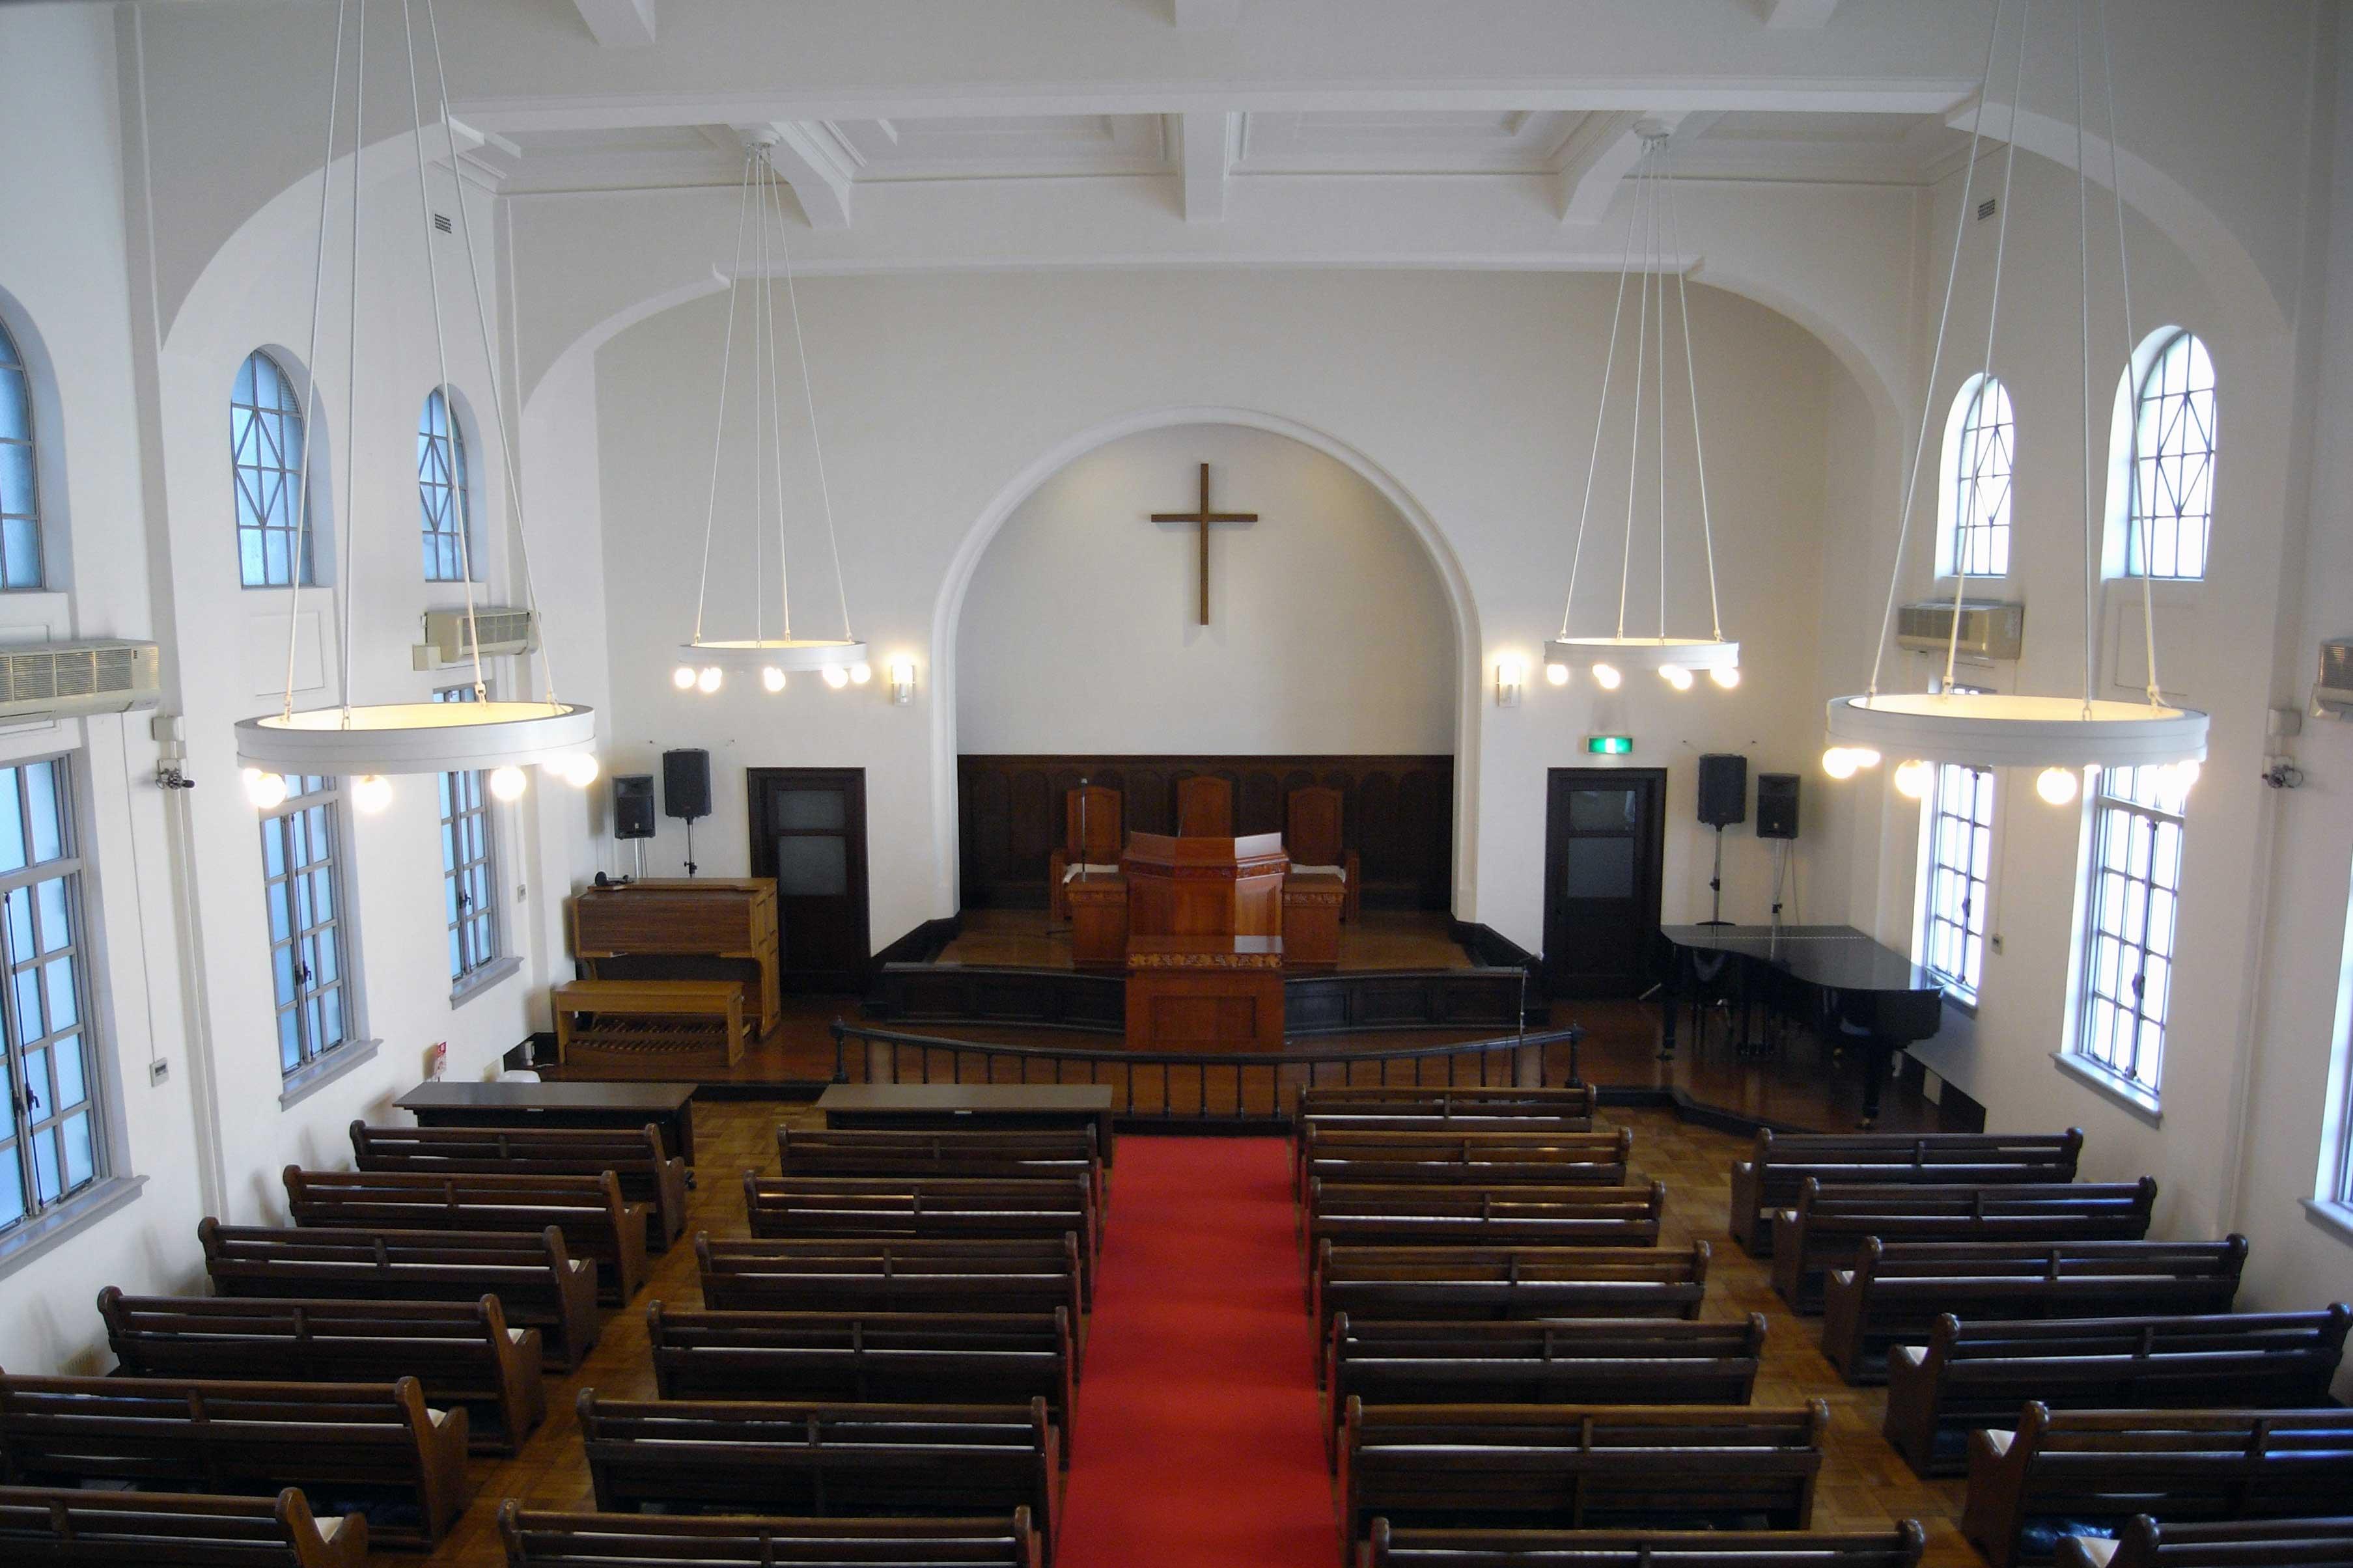 <p>内部礼拝室(由上層座席看)</p>内部有従外観難以想像的大空間的礼拝室。